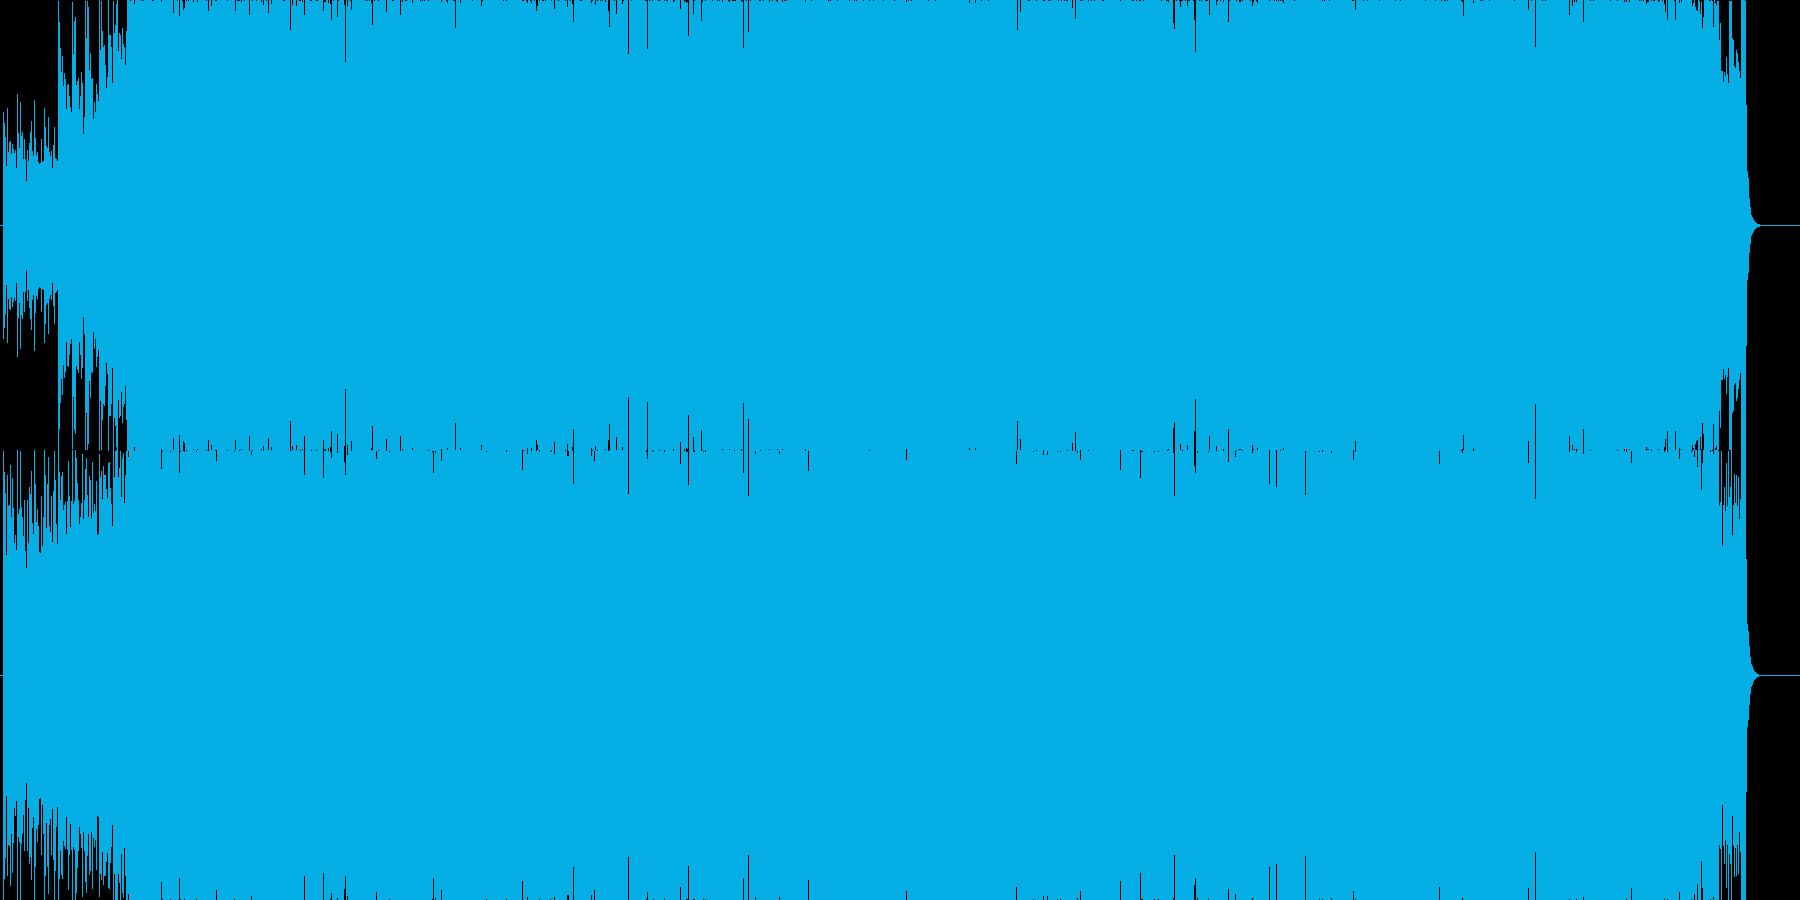 暗めのエモーショナルピアノバンドサウンドの再生済みの波形